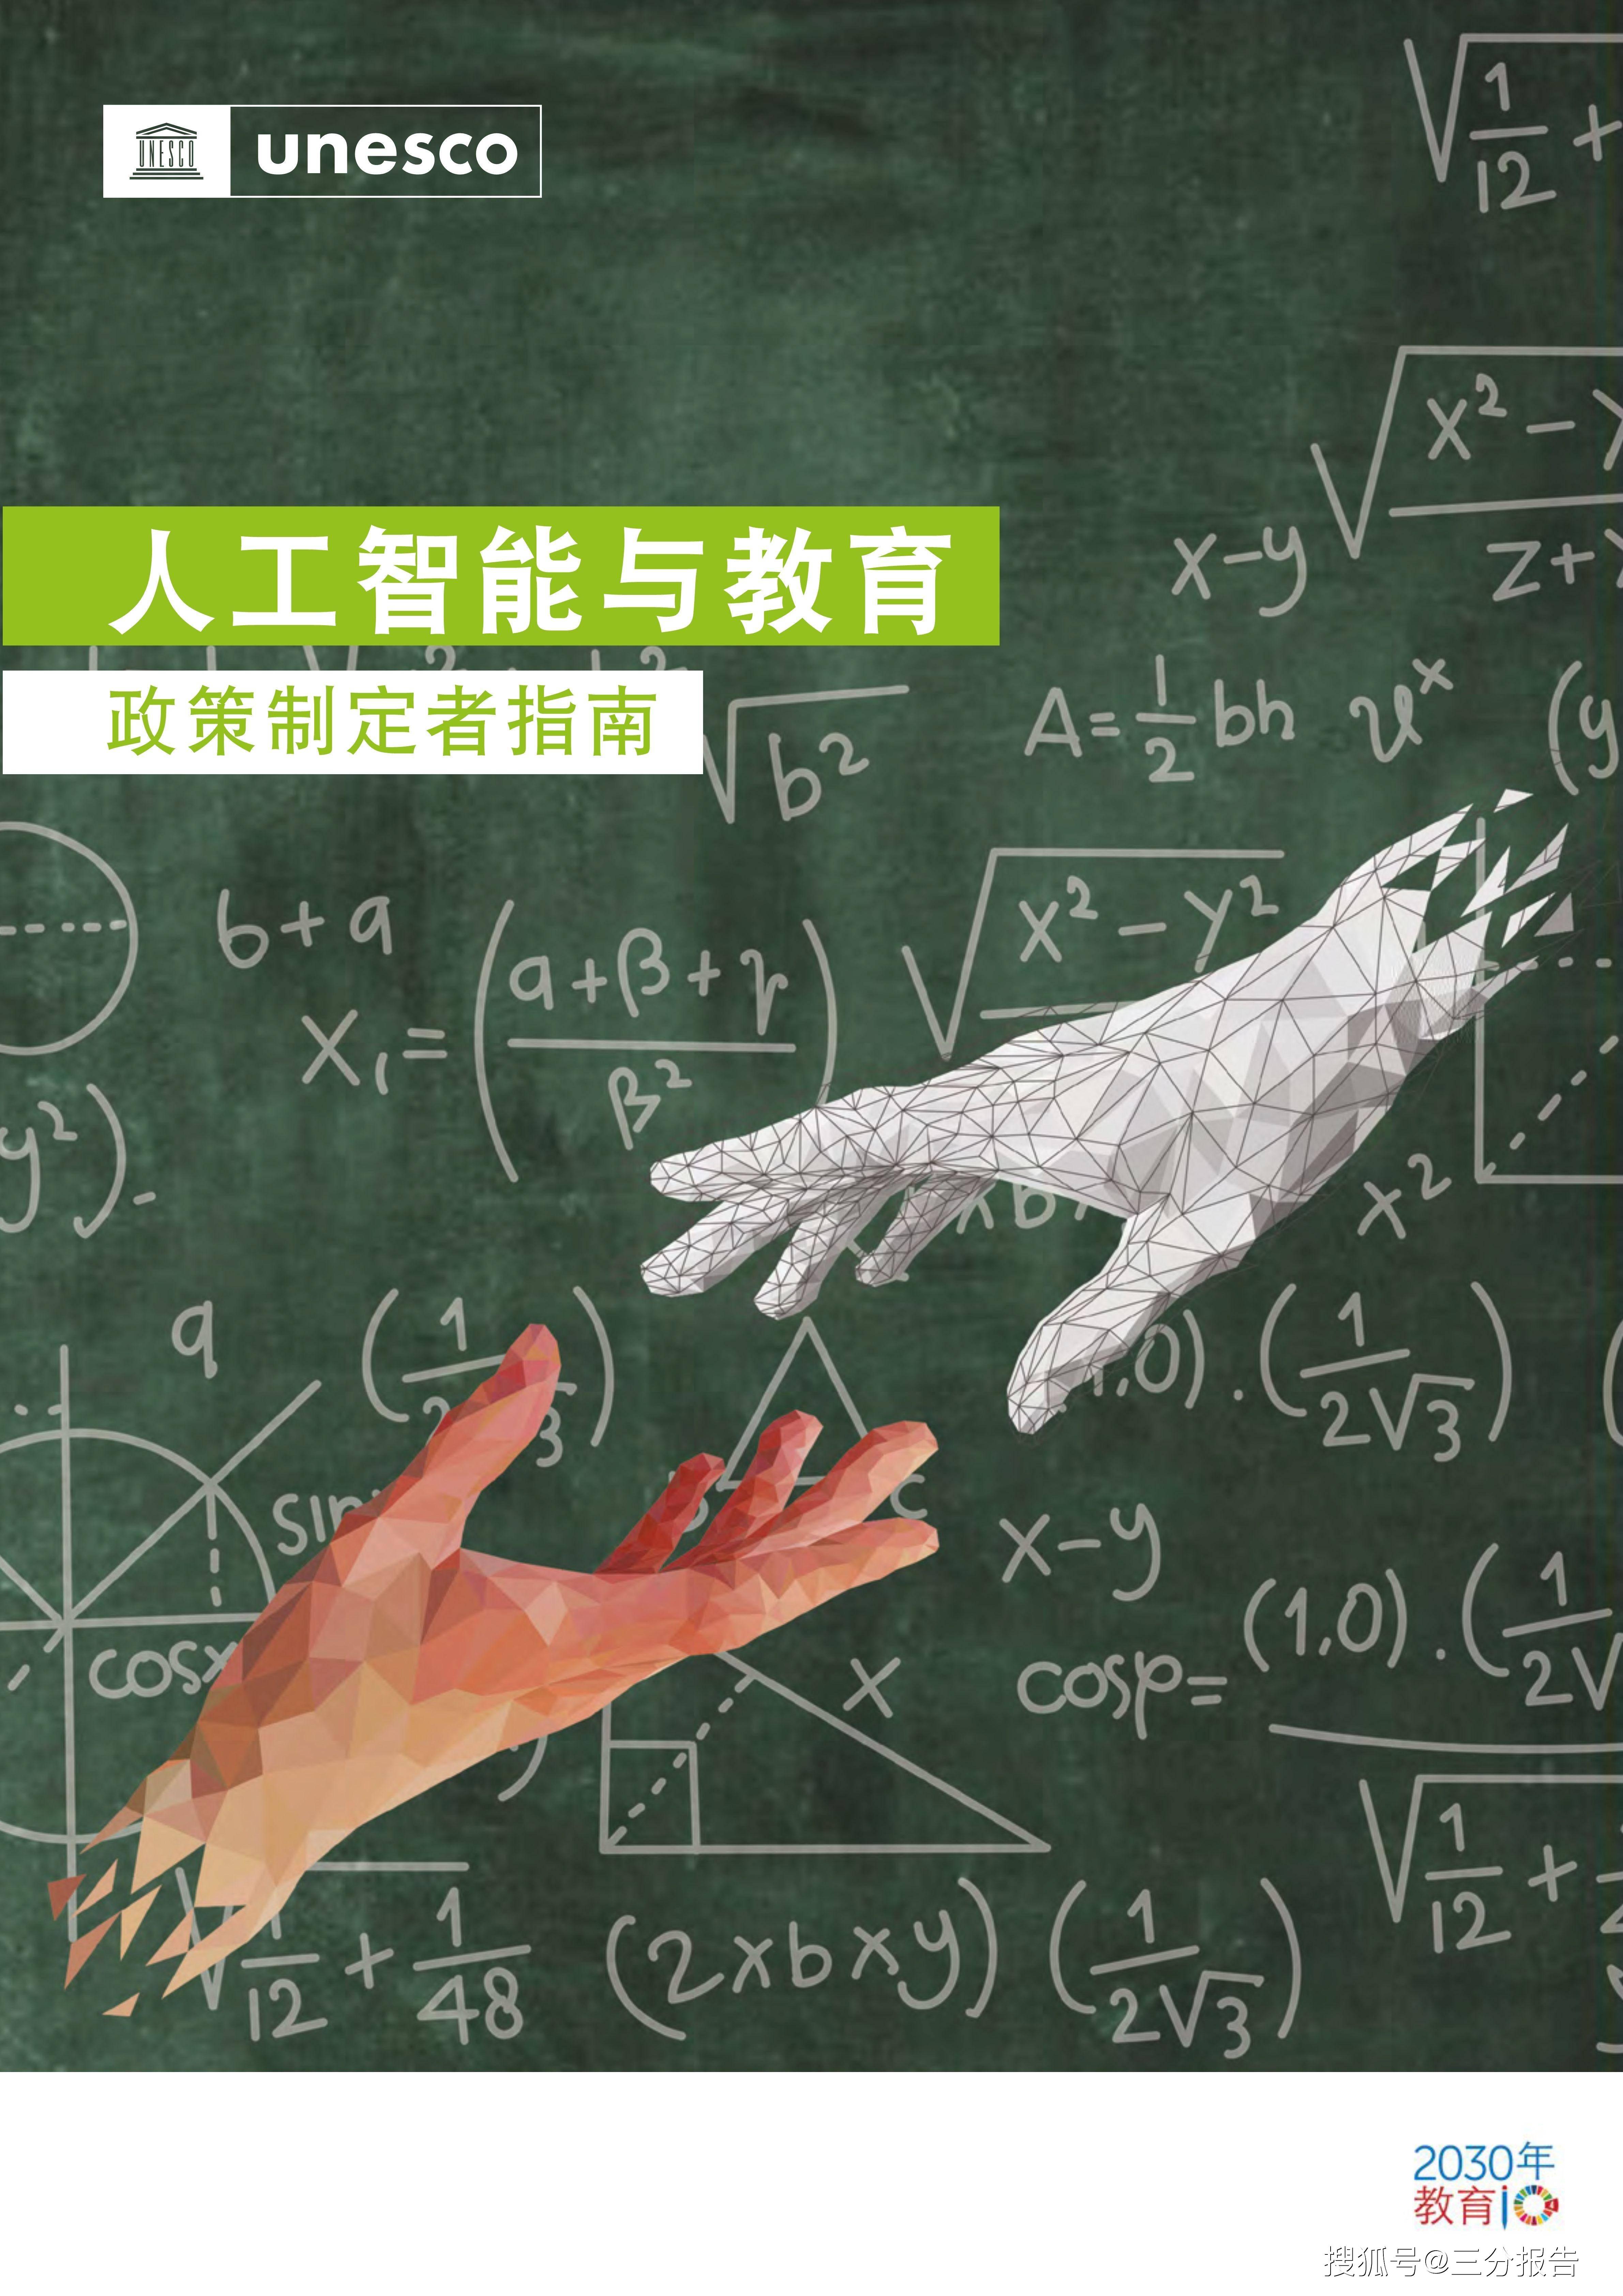 人工智能與教育:政策制定者指南-51頁